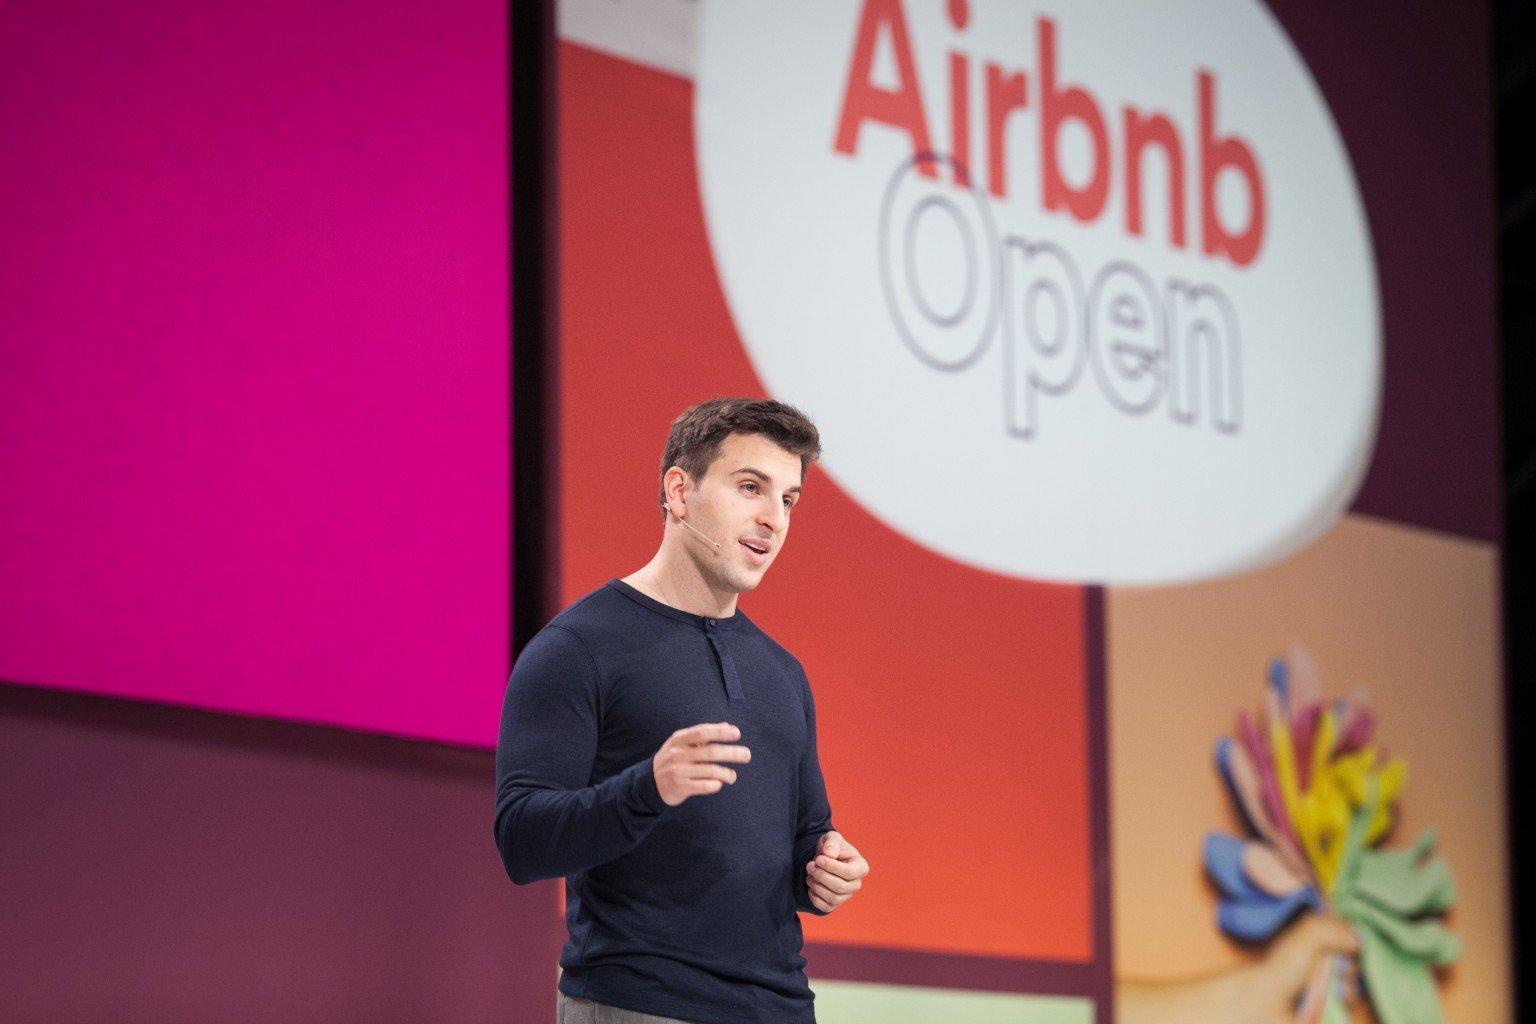 Airbnb spaventa gli investitori: non vuole quotarsi entro l'anno